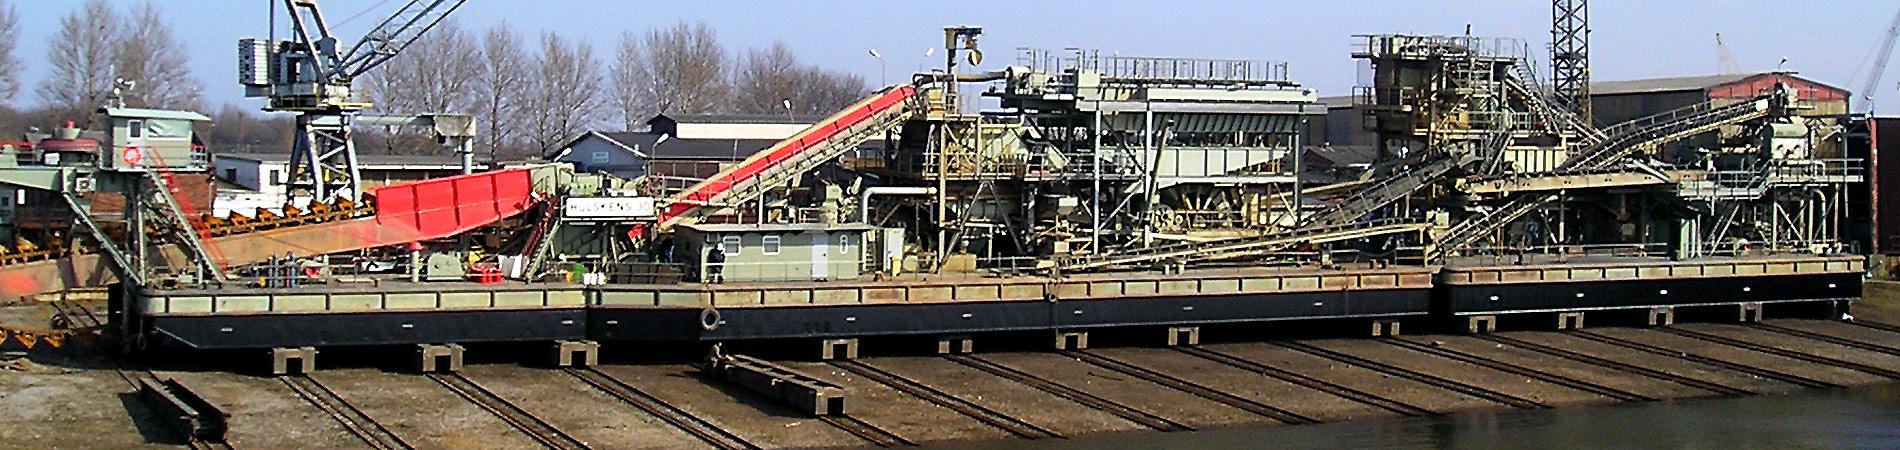 Meidericher Schiffswerft MSW Duisburg - Infrastruktur